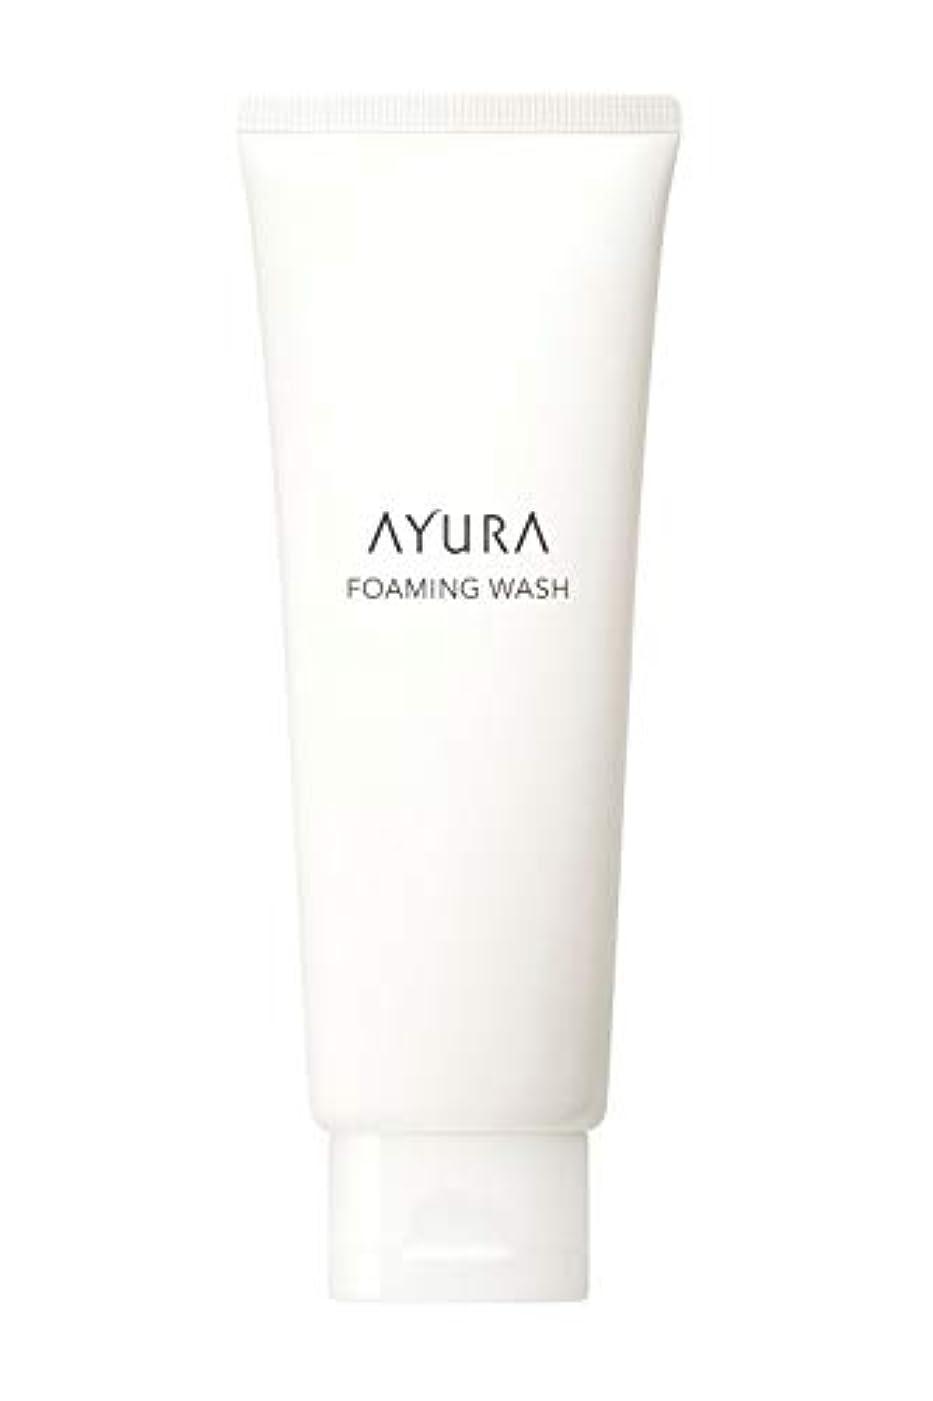 受け入れる想像力教養があるアユーラ (AYURA) フォーミングウォッシュ 120g 〈 洗顔料 〉 肌をいたわりながら汚れを落とす つるんとやわらかな素肌へ 洗うたびにうるおいを与えるもっちり濃密泡の洗顔料